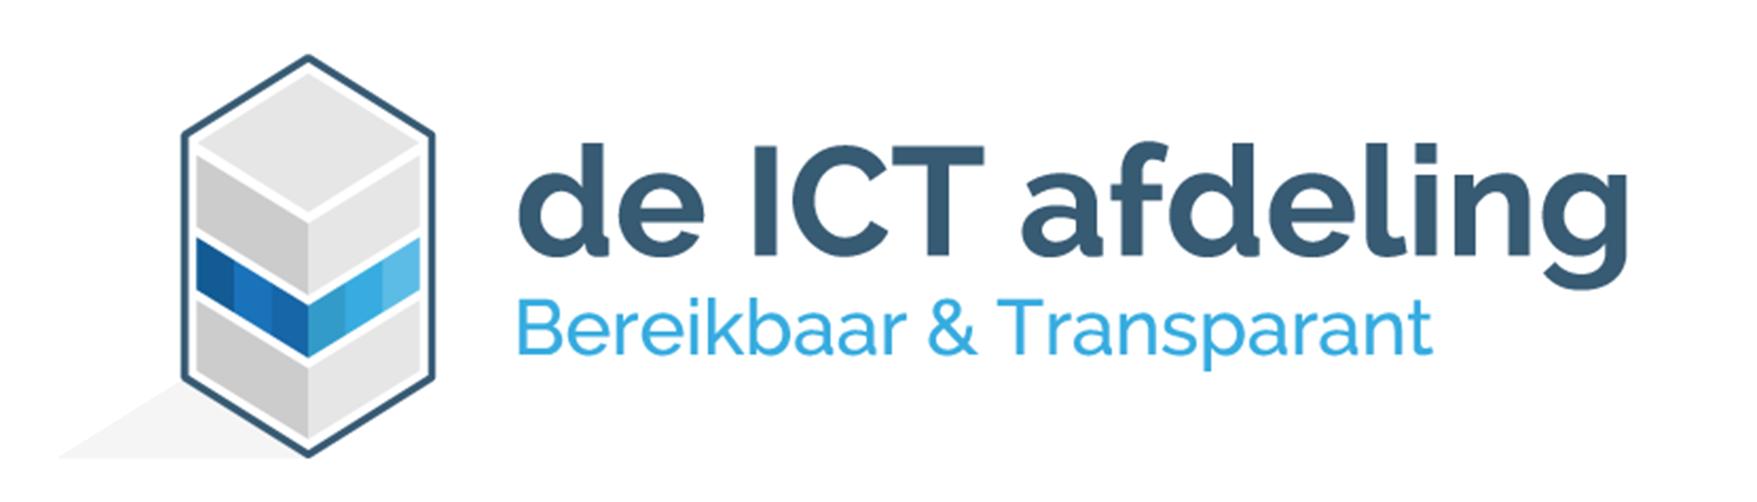 Shop - De ICT afdeling